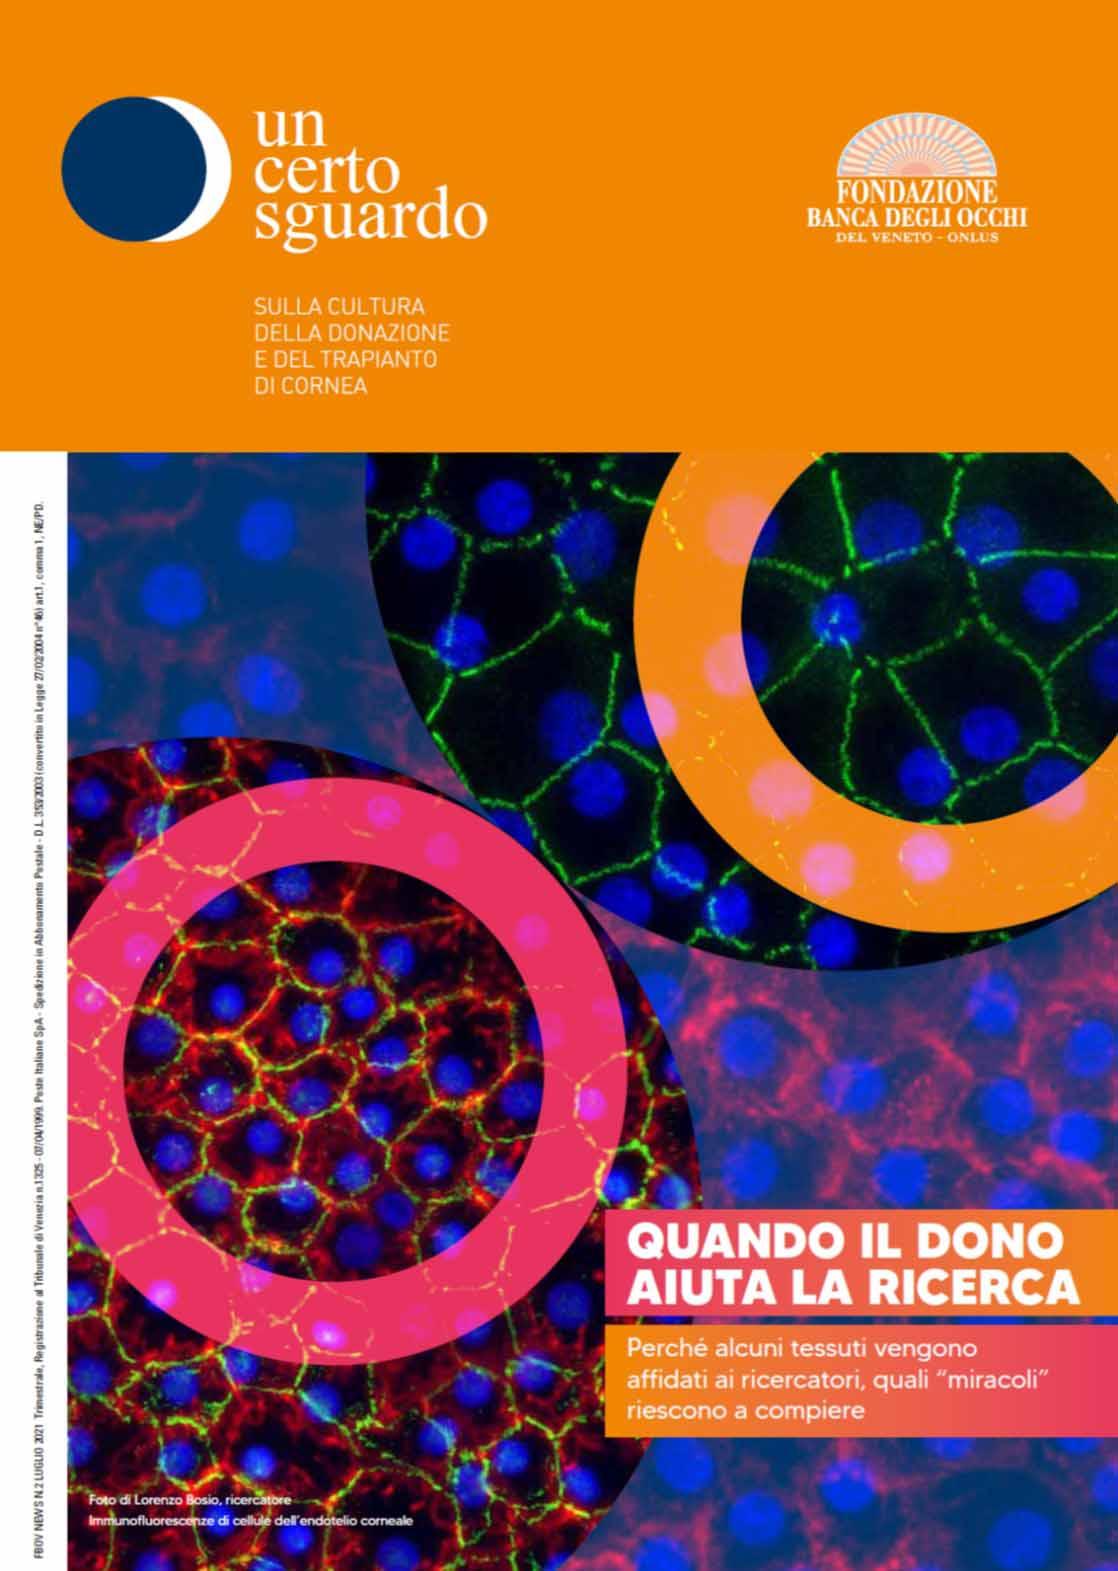 Magazine Un certo sguardo - Luglio 2021